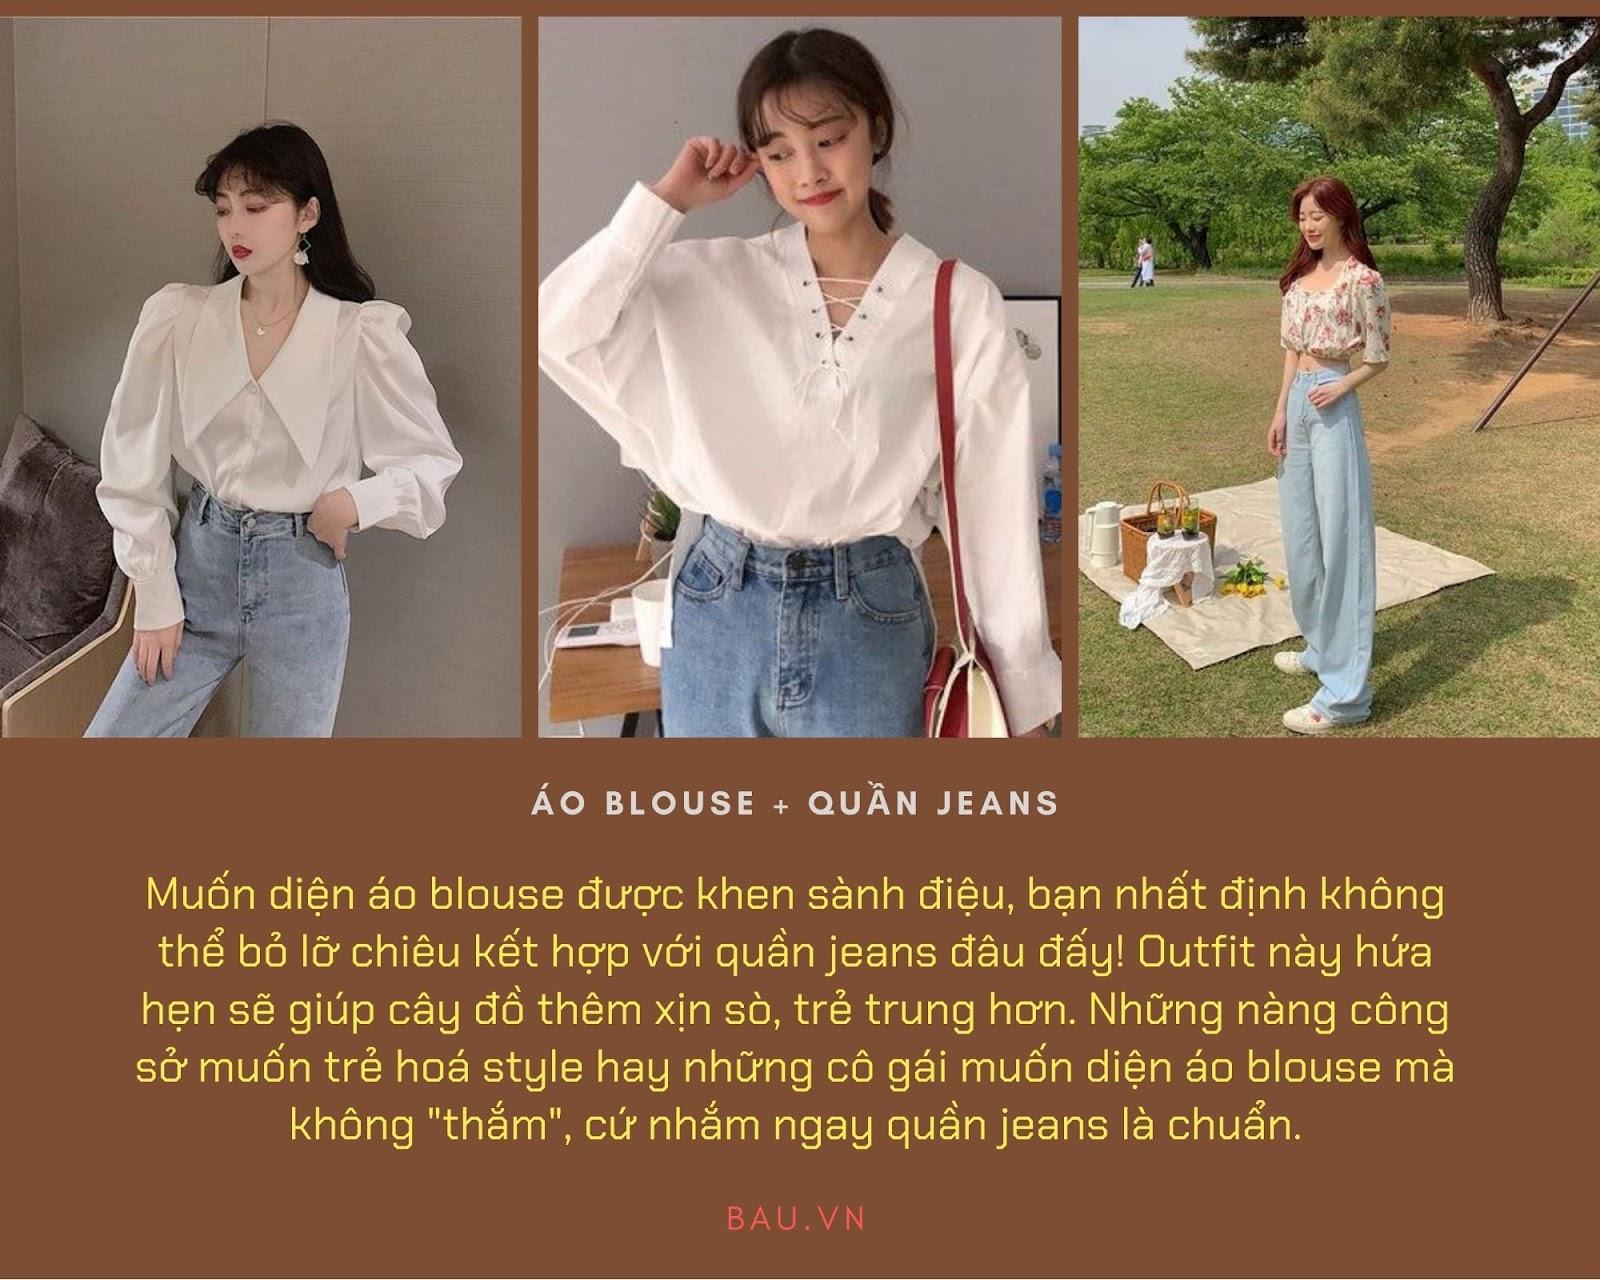 Những tips kết hợp áo blouse cho các cô nàng năng động - ảnh 1